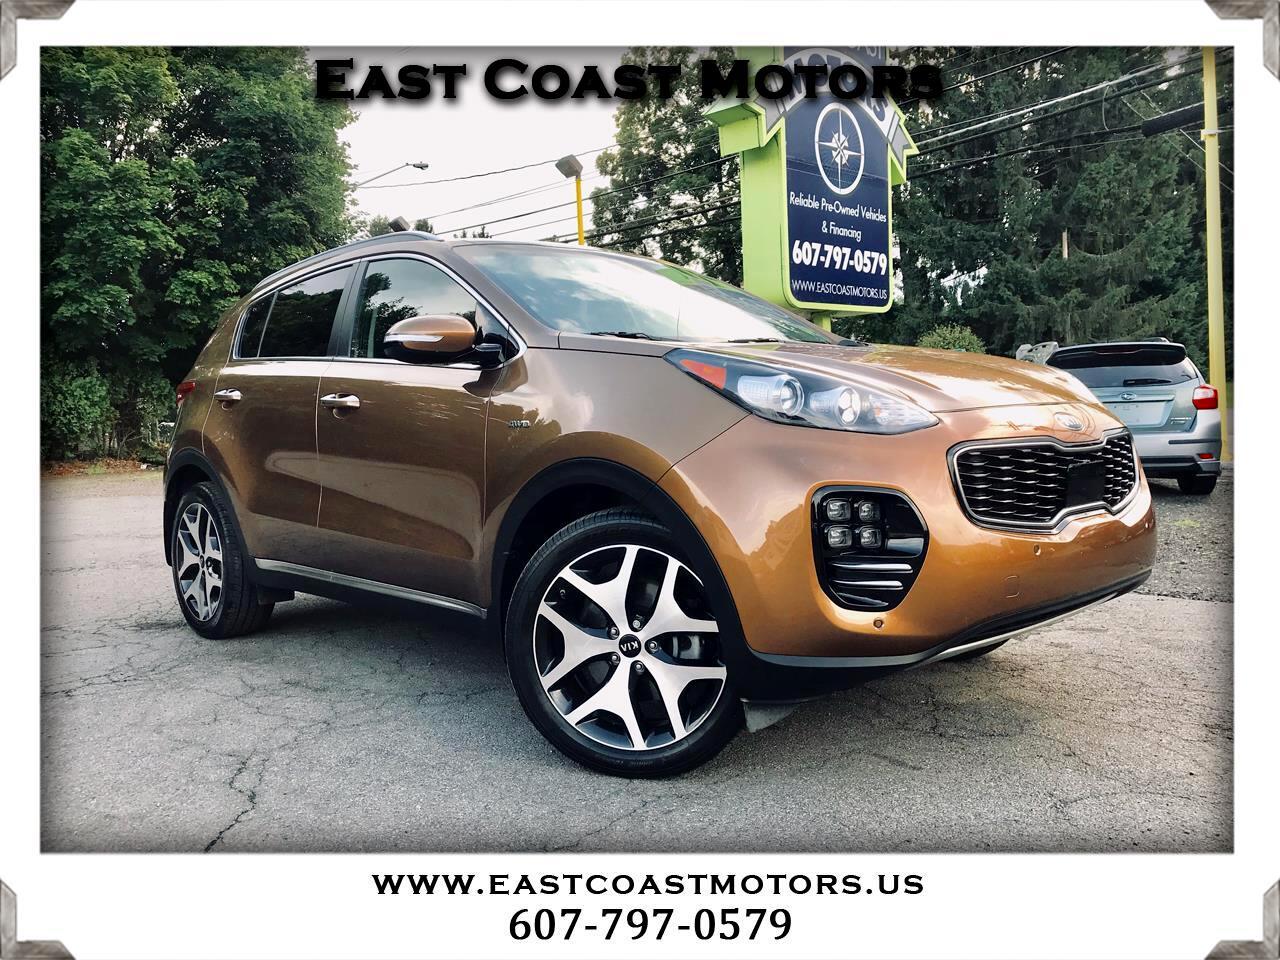 East Coast Motors >> Used 2017 Kia Sportage For Sale In Binghamton Ny 13901 East